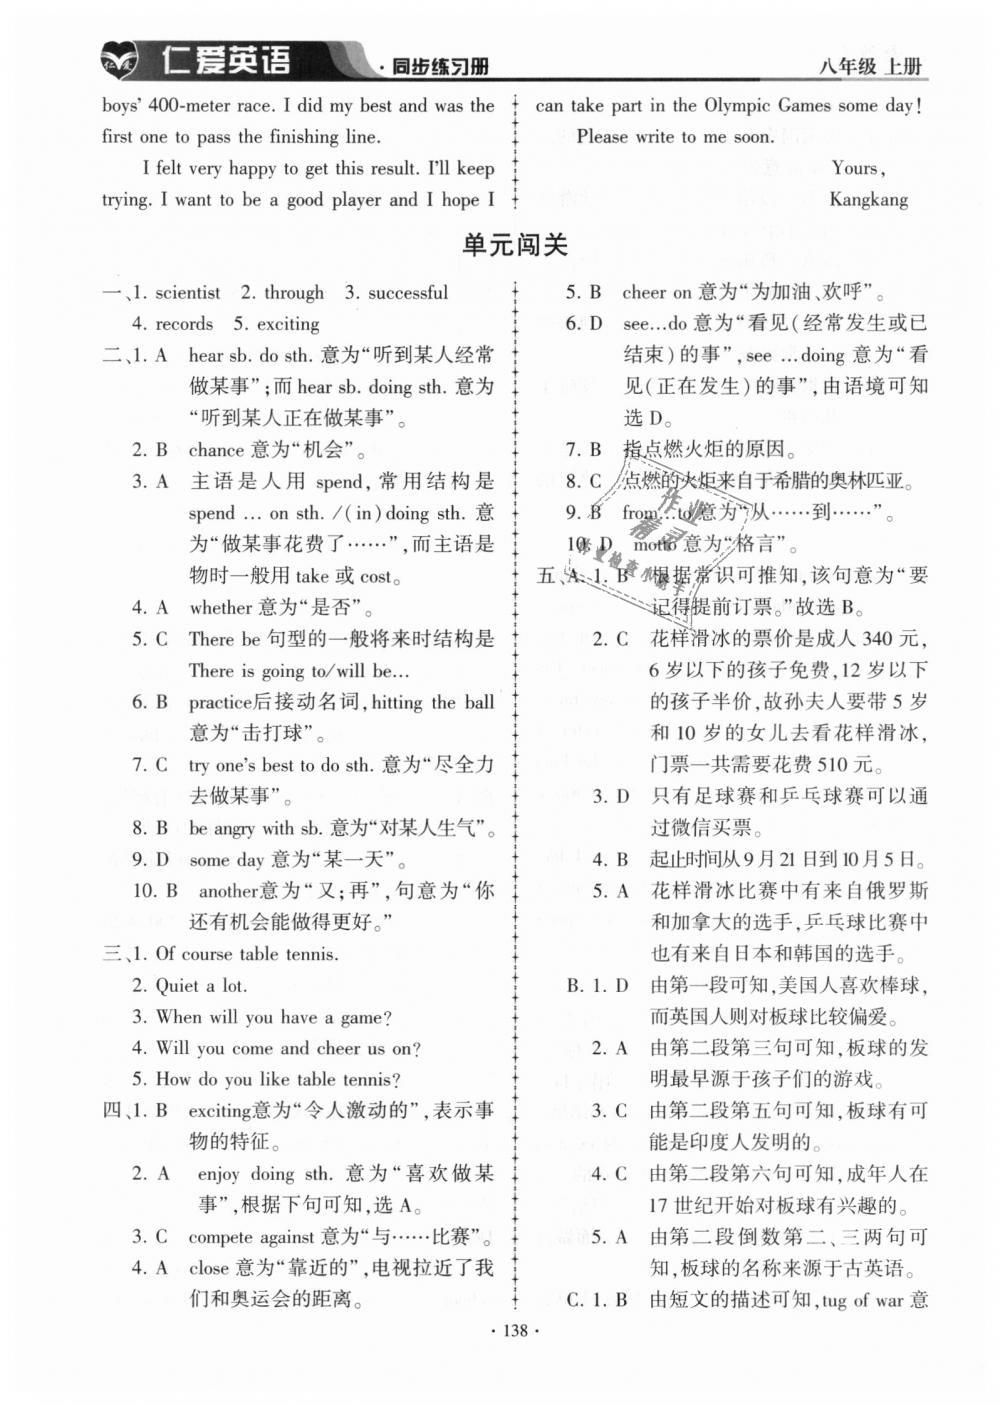 2018年仁爱英语同步练习册八年级上册E第8页